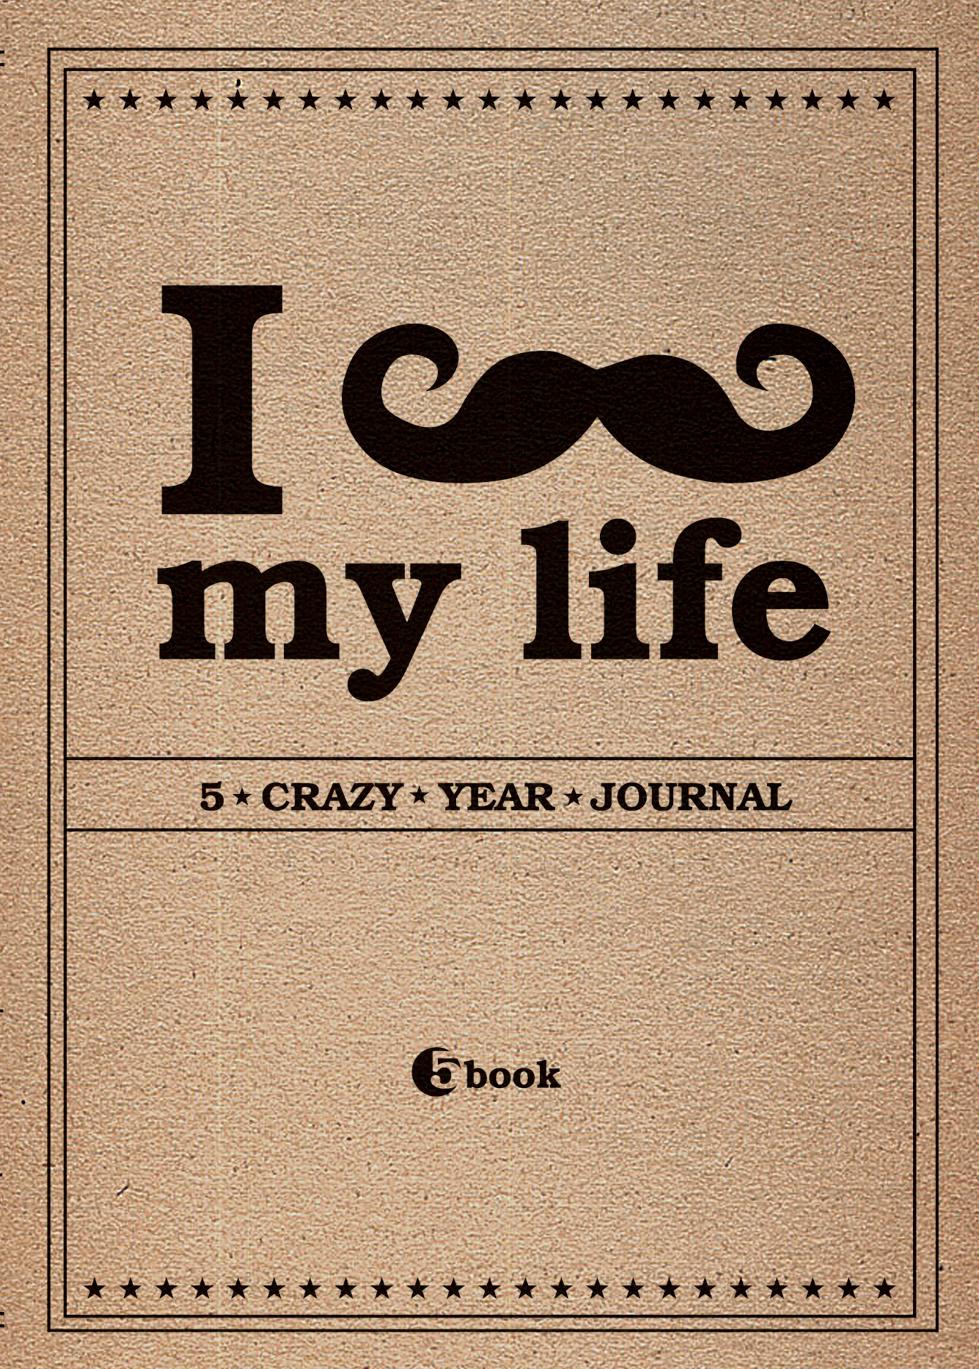 5 crazy year journal какое слово написать что бы захотели